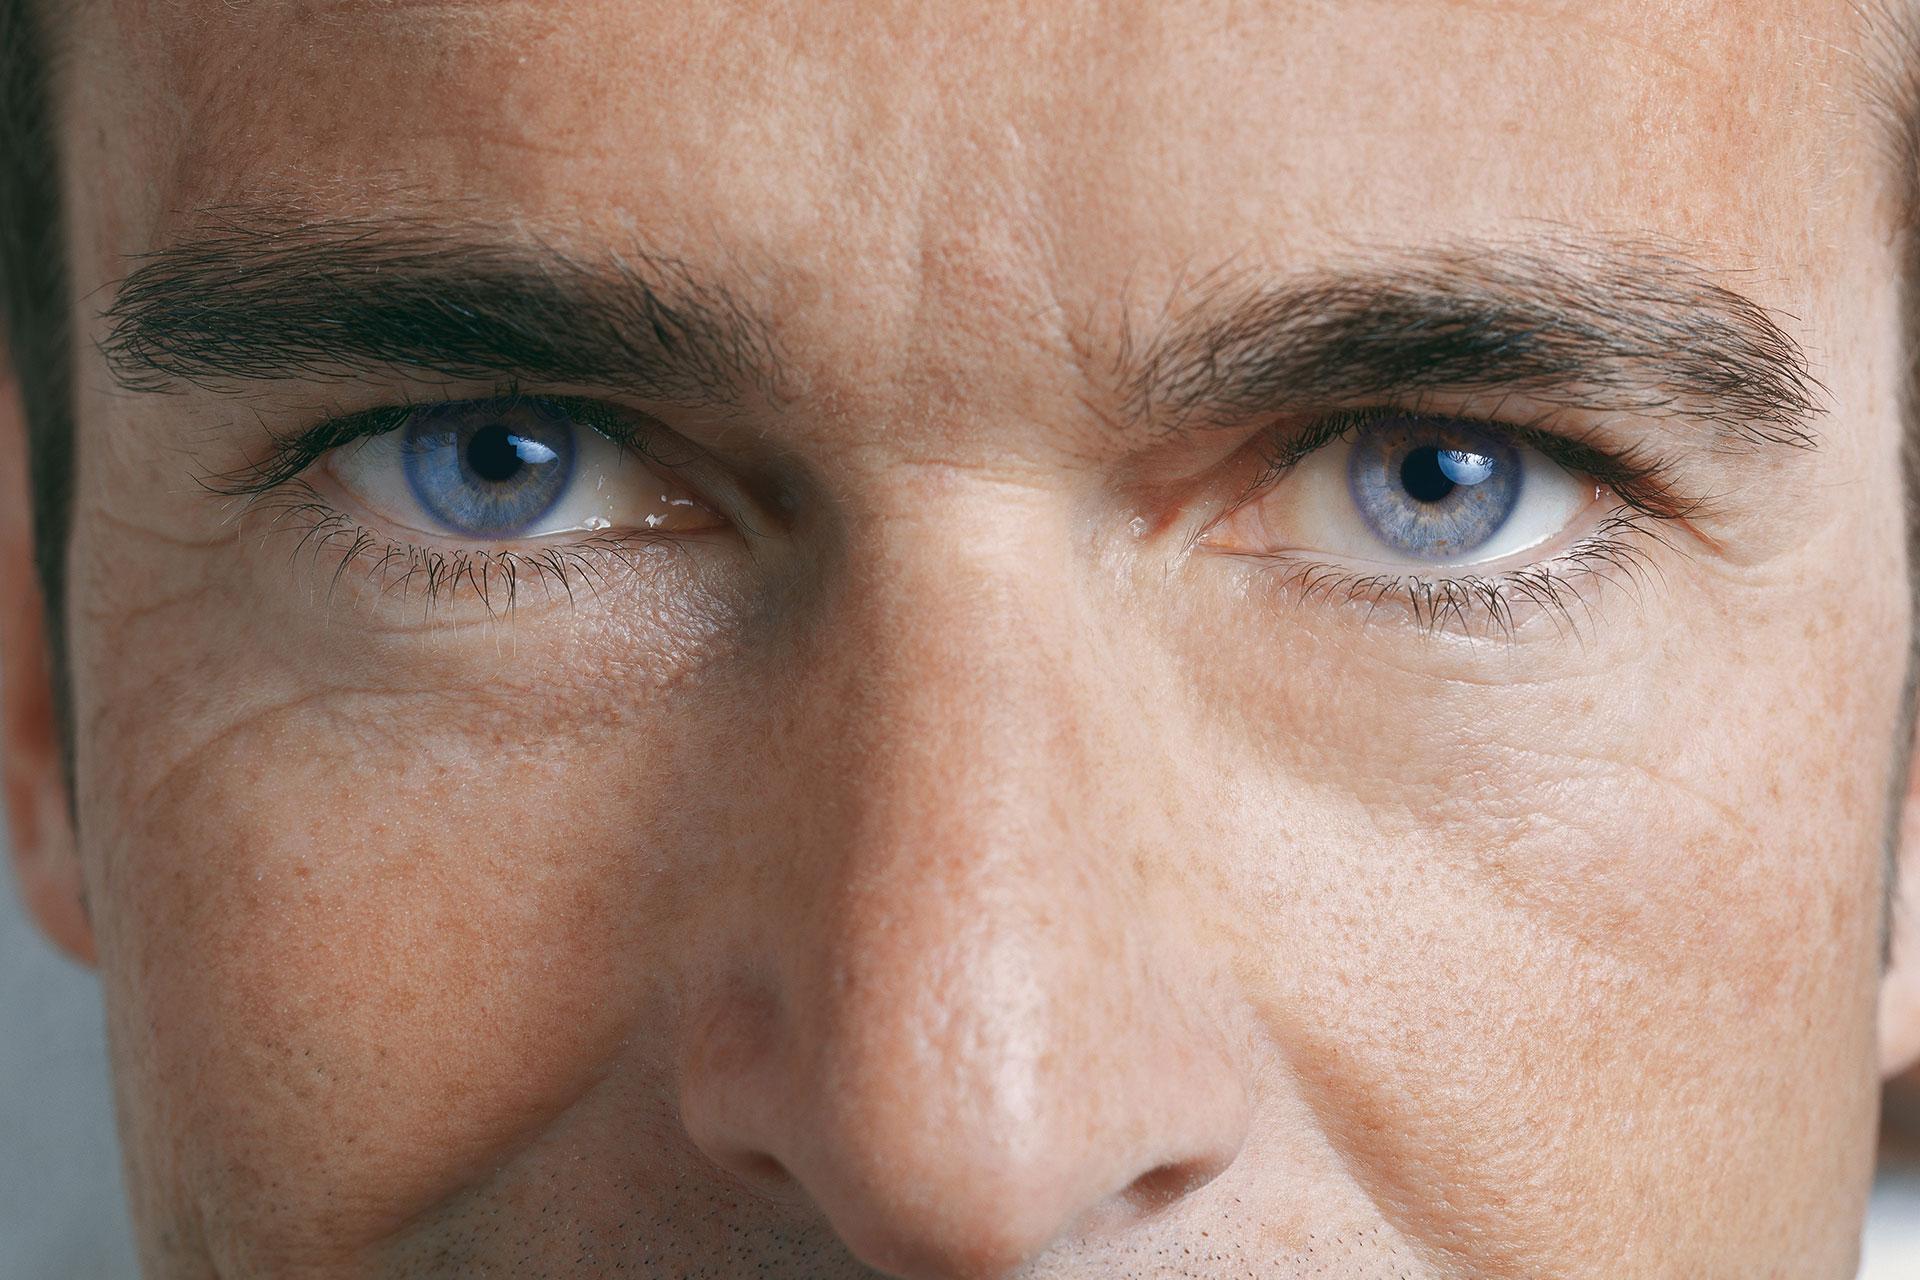 Lipsa vederii în ochiul stâng este - Vedere încețoșată apărută brusc - ce ar putea fi